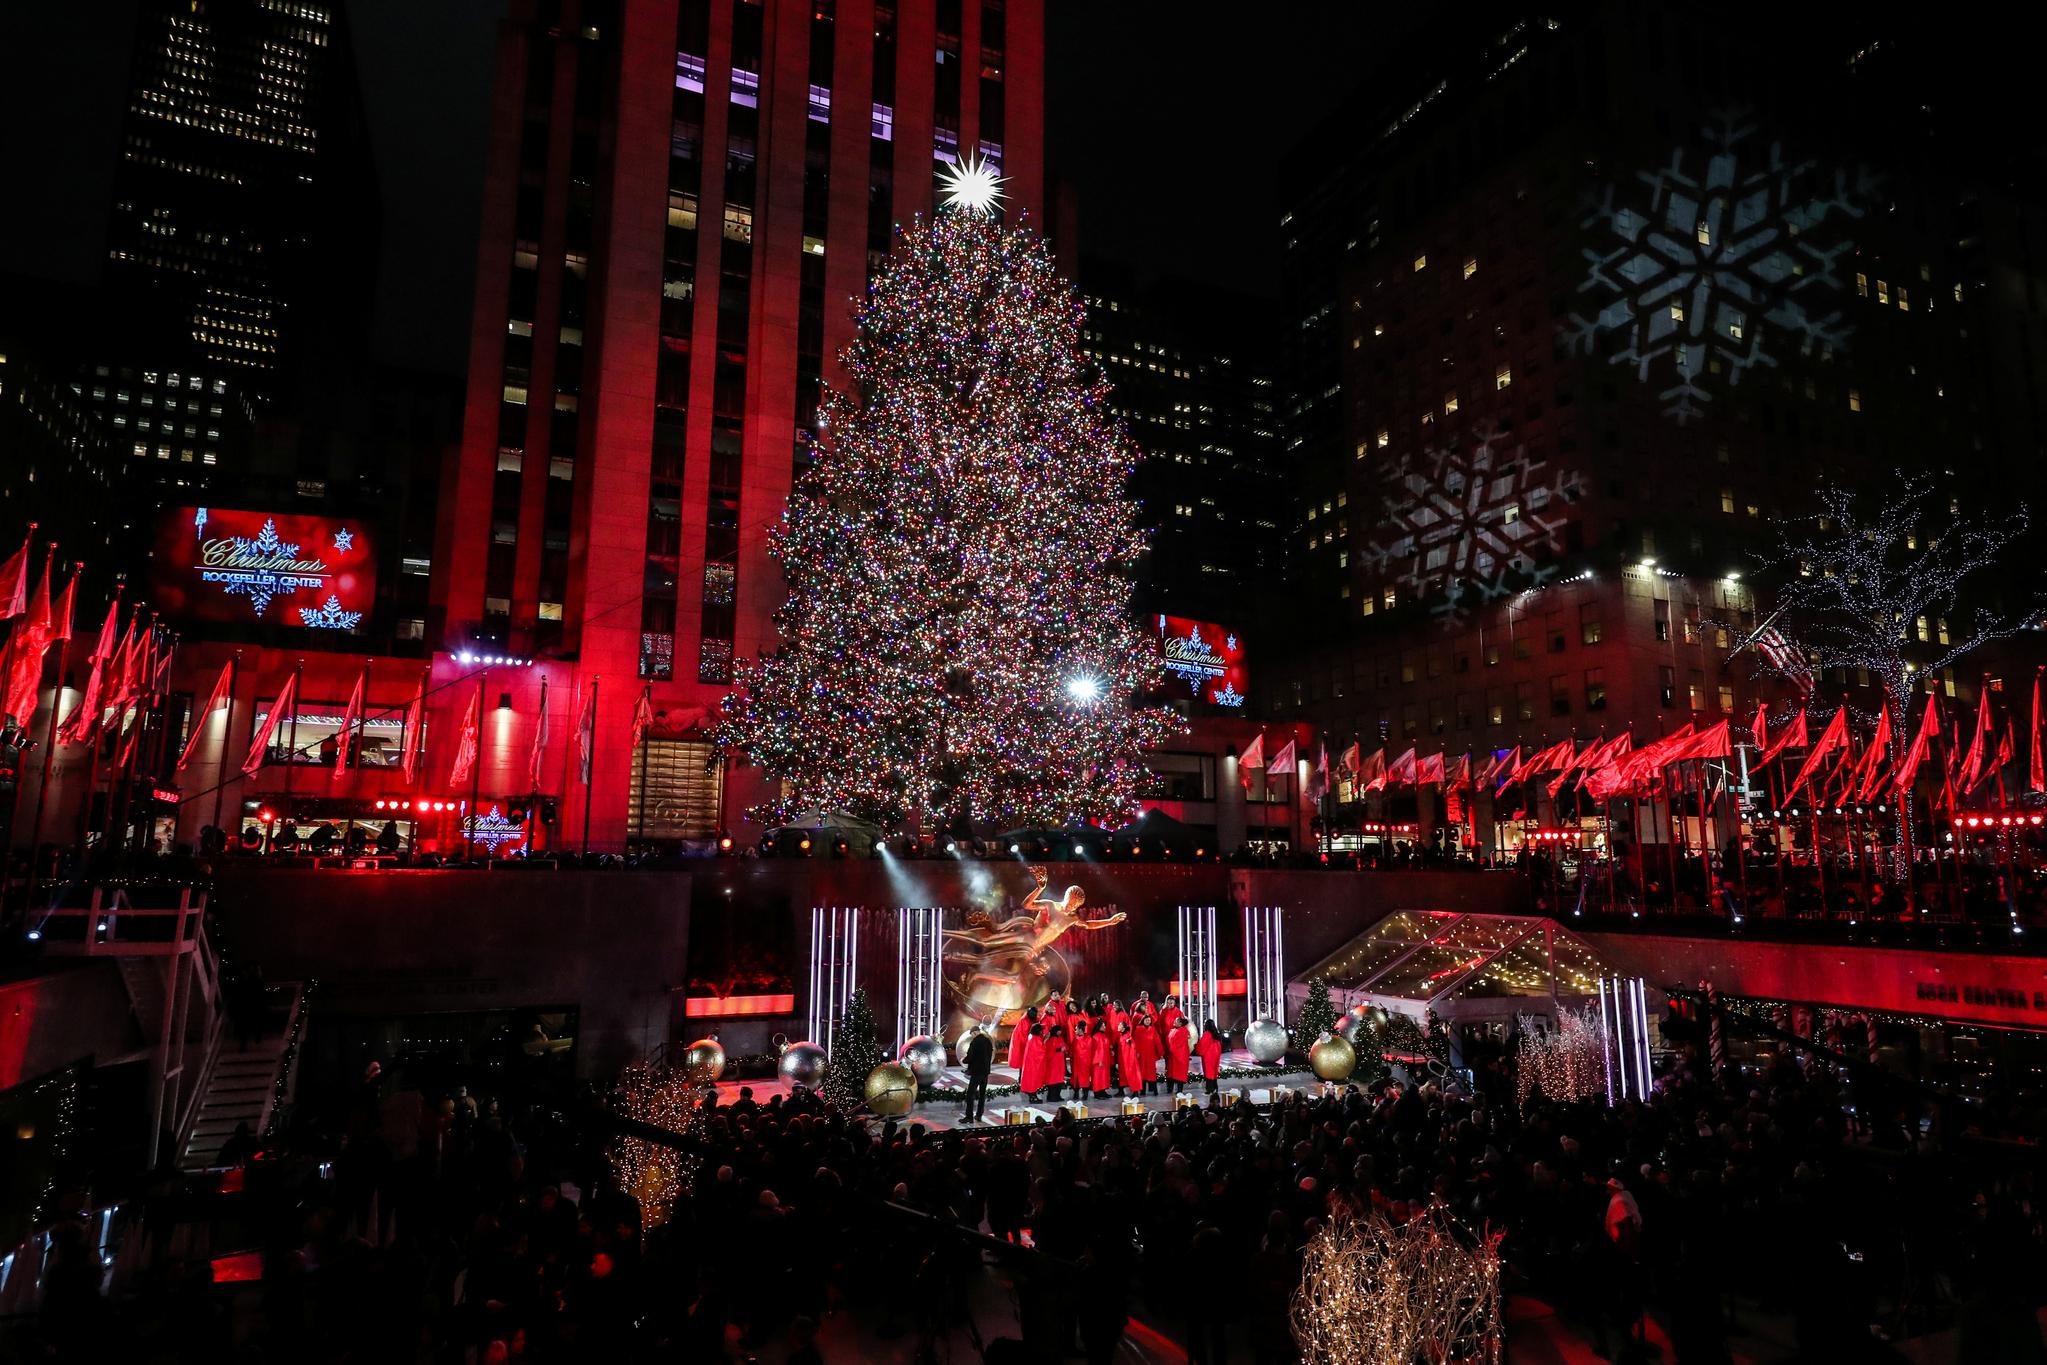 87회 록펠러 센터 크리스마스트리 점등식이 4일(현지시간) 미국 뉴욕 맨해튼 록펠러 프라자에서 열렸다. 5일 관광객들이 록펠러 크리스마스트리 앞에서 열린 공연을 관람하고 있다. [로이터I=연합뉴스]